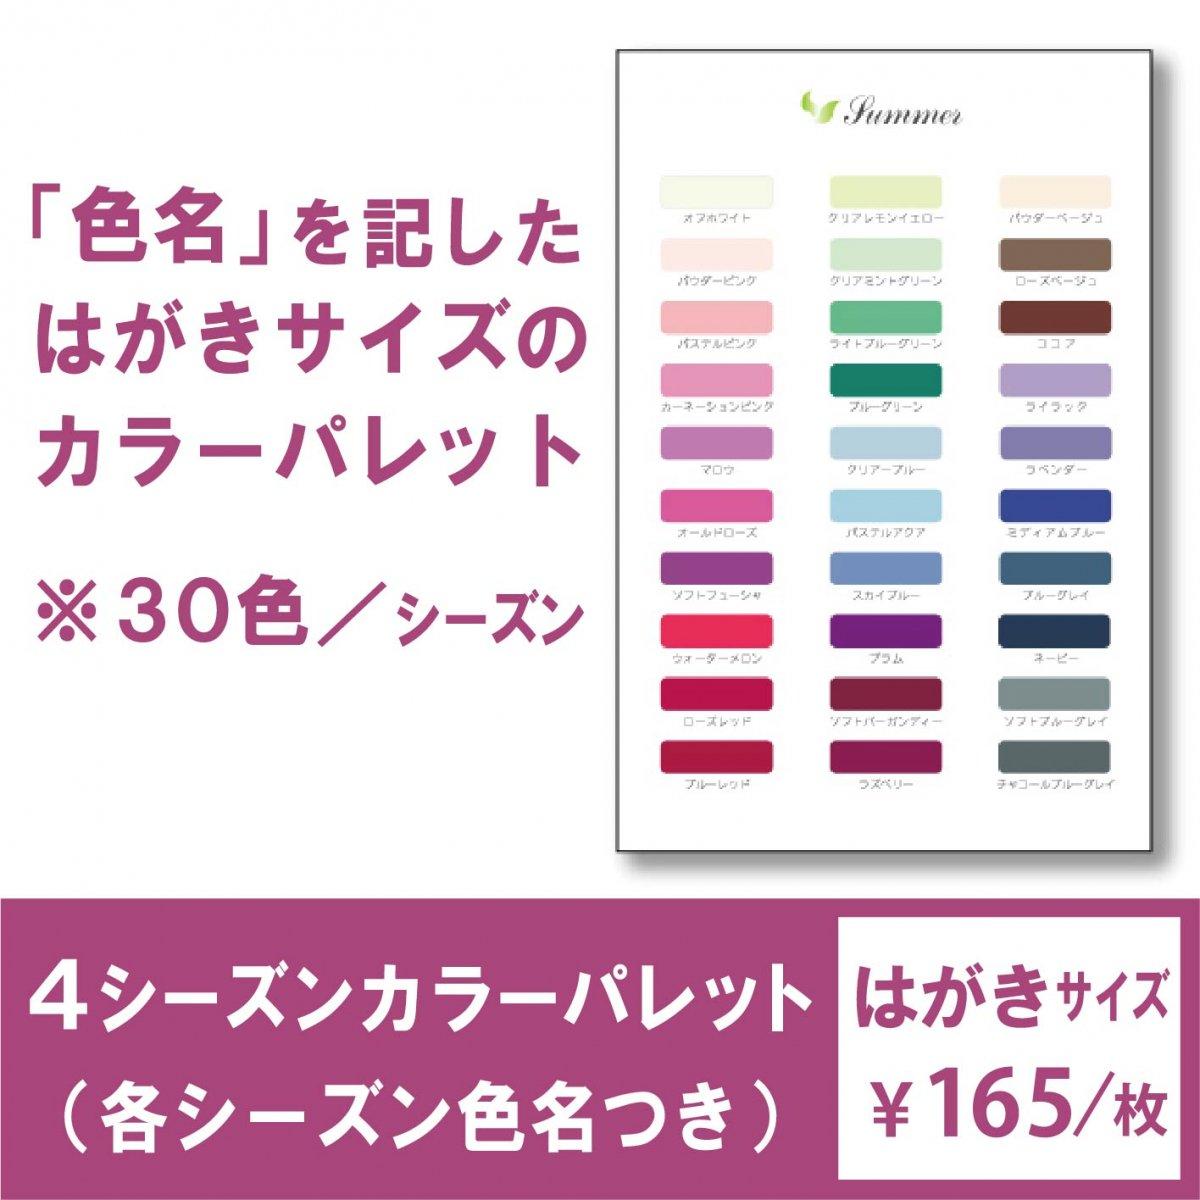 4seasonカラーパレットはがき版【シーズン別単品】